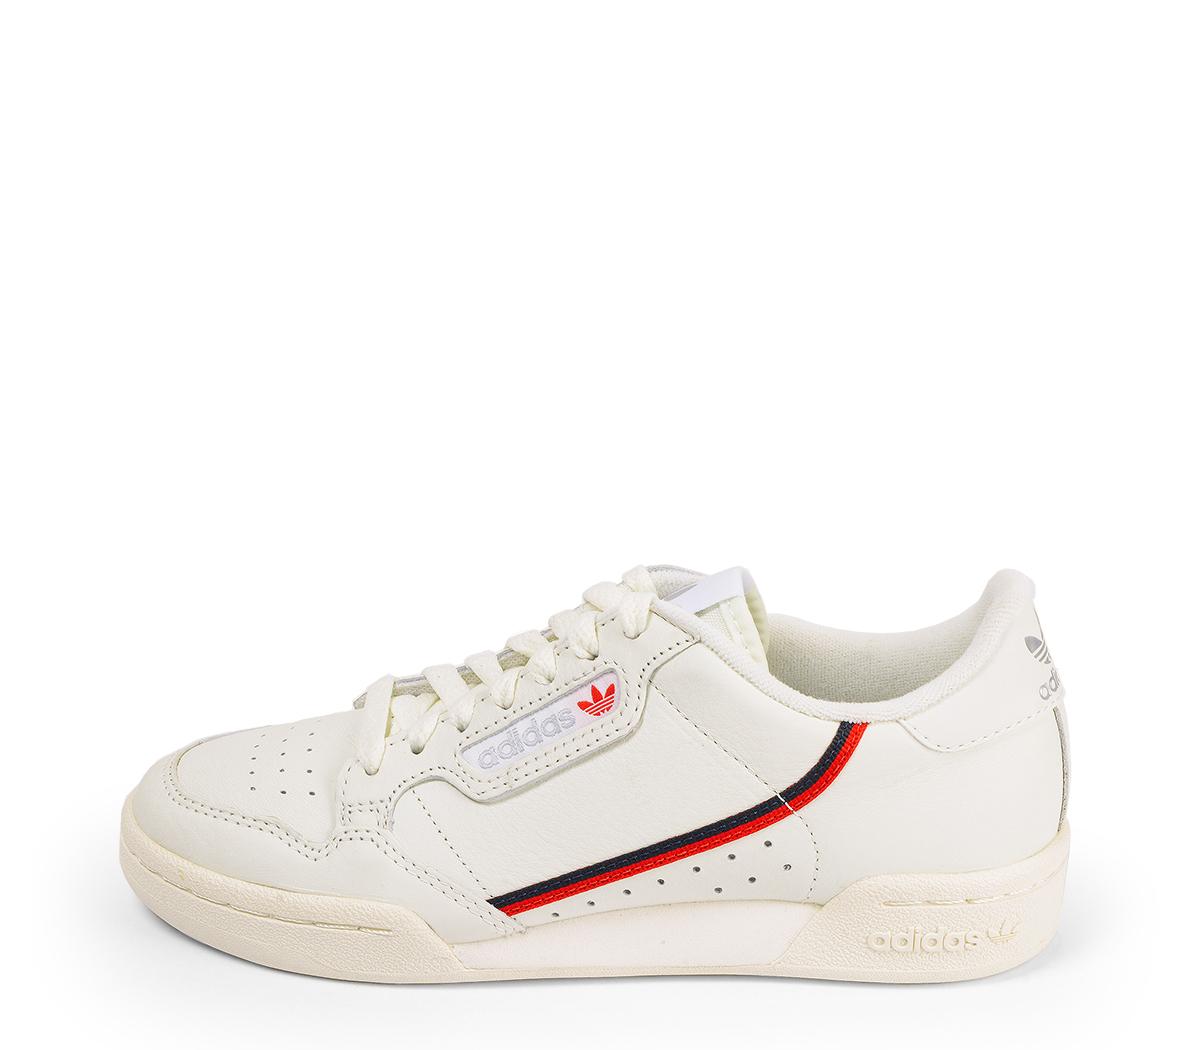 Ref. 4581 Adidas Continental piel beige con detalle banda lateral en azul y rojo.